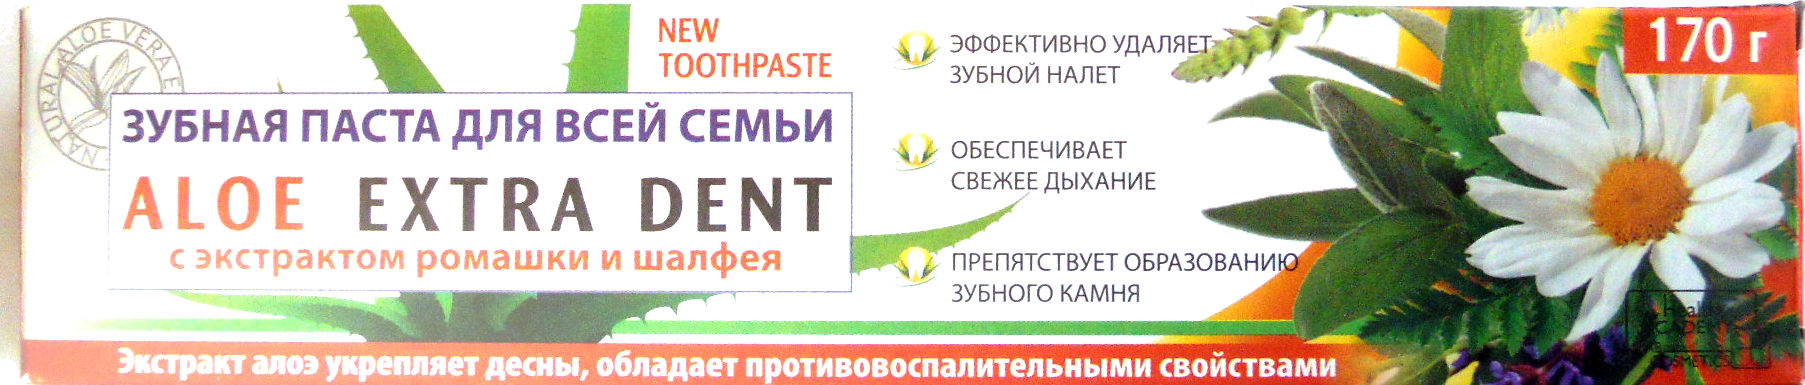 Зубная паста Aloe Extra Dent с экстрактом ромашки и шалфея для всей семьи - Product - ru